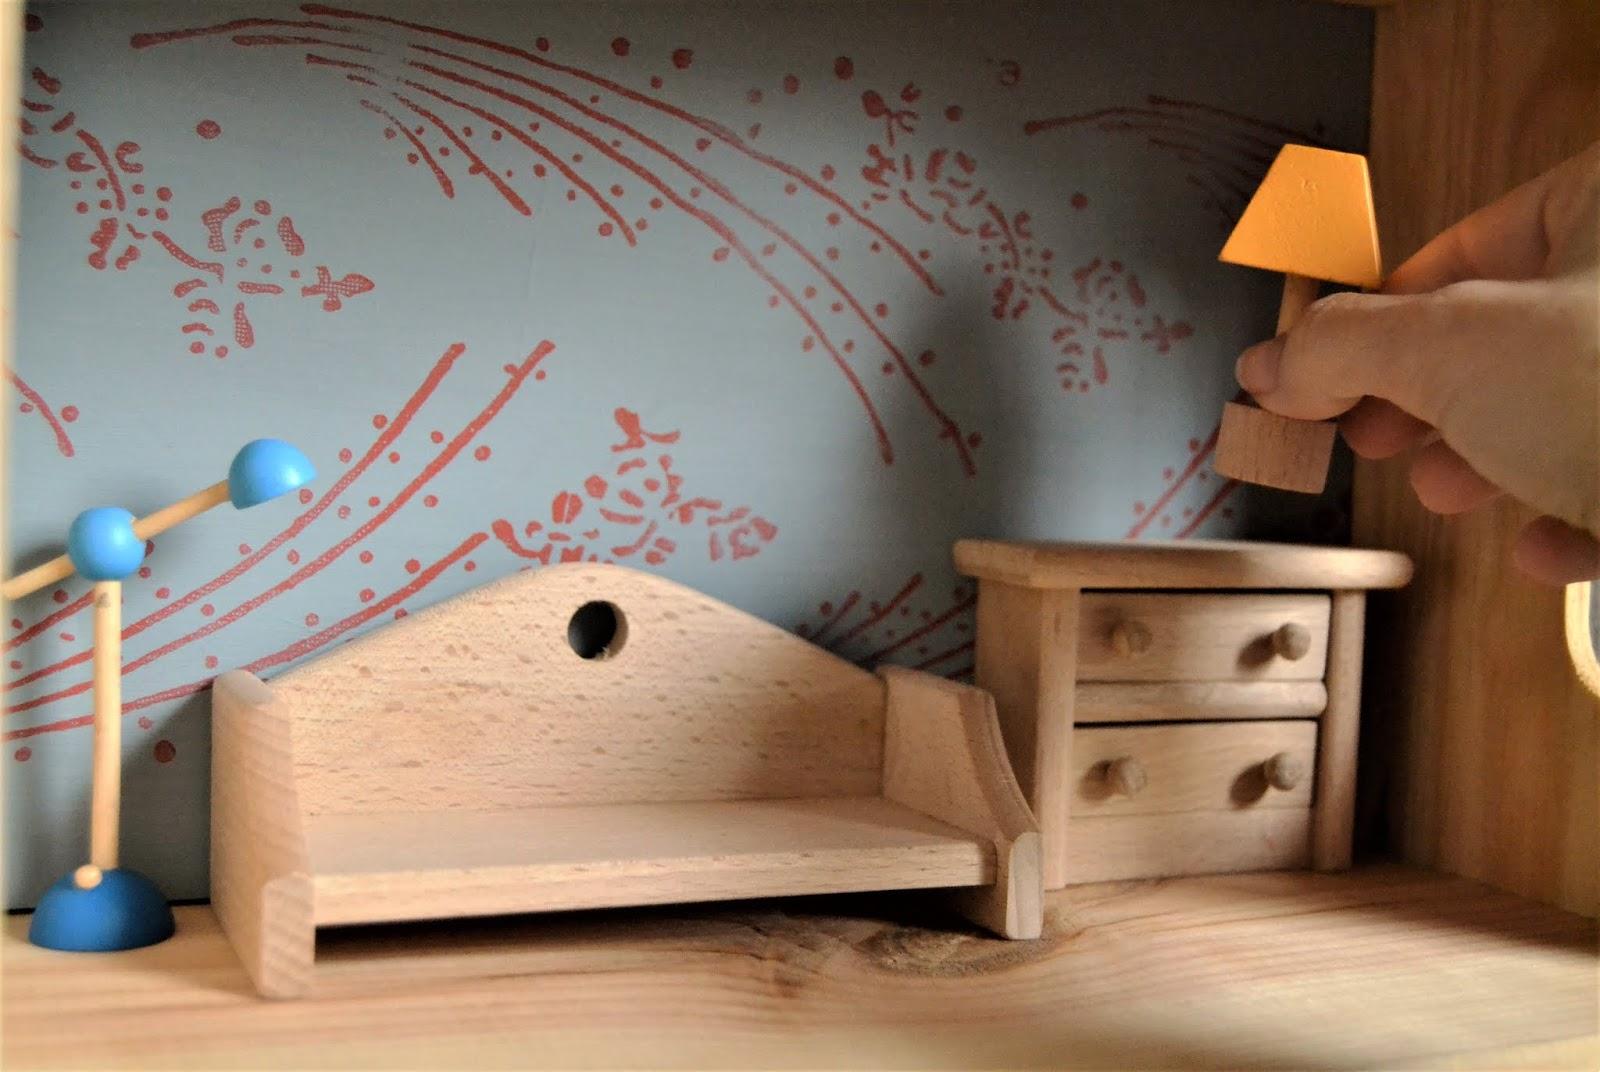 Dos maneras diferentes de usar el rodillo decorativo de Fleur, DIY sencillos para entretenerte estos días con tus hijos